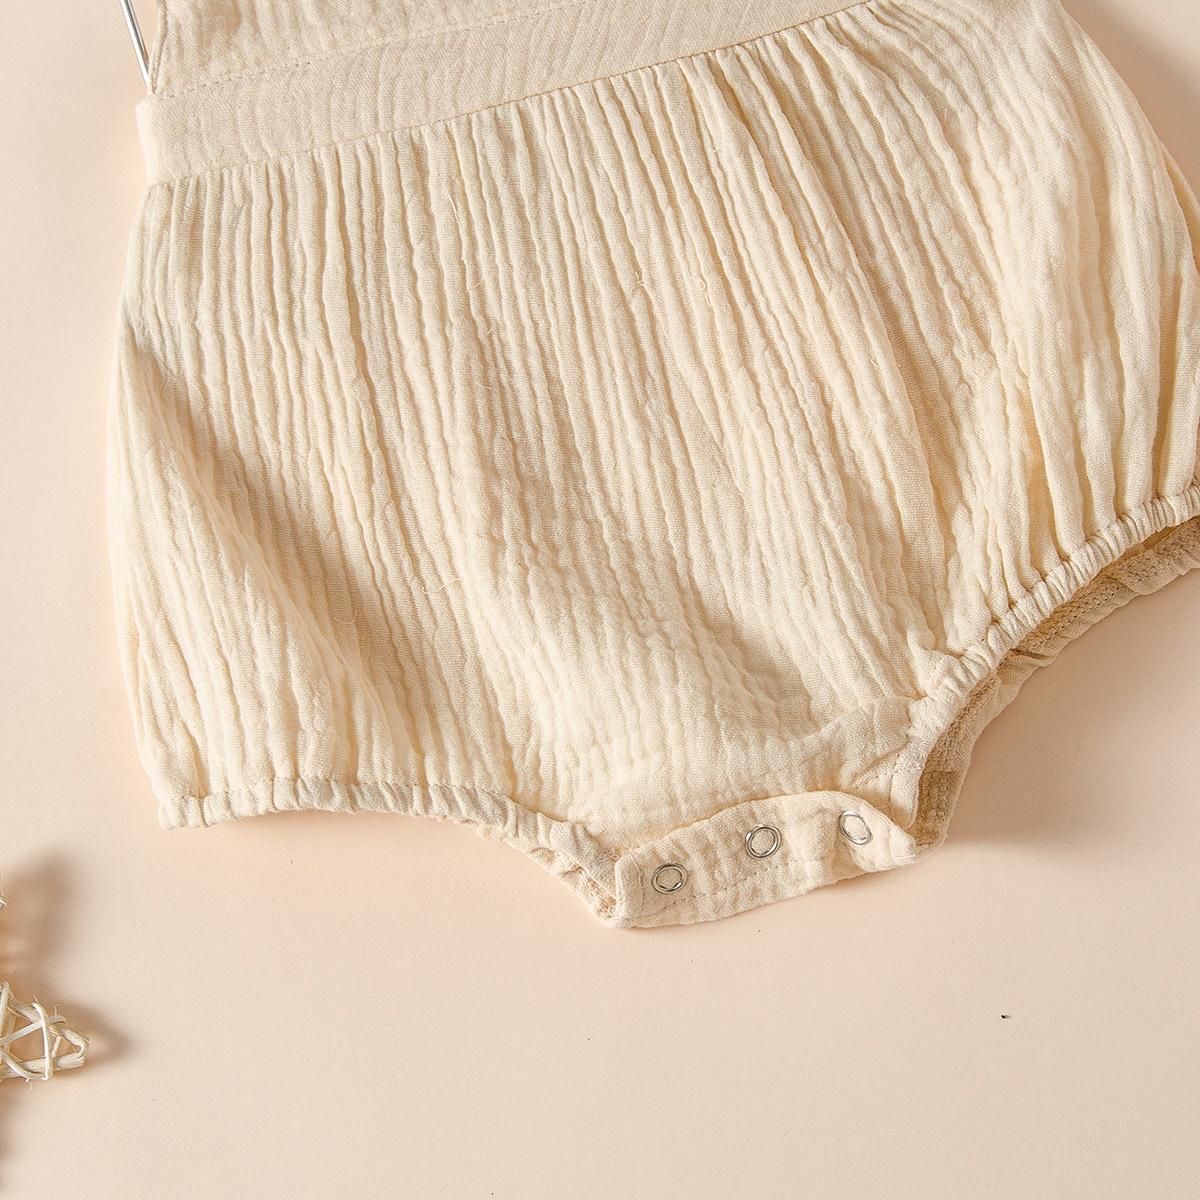 Áo Liền Quần Không Tay Chất Liệu Cotton Mỏng Thoáng Khí Màu Cầu Vồng Thời Trang Mùa Hè Cho Bé Gái Sơ Sinh 2021